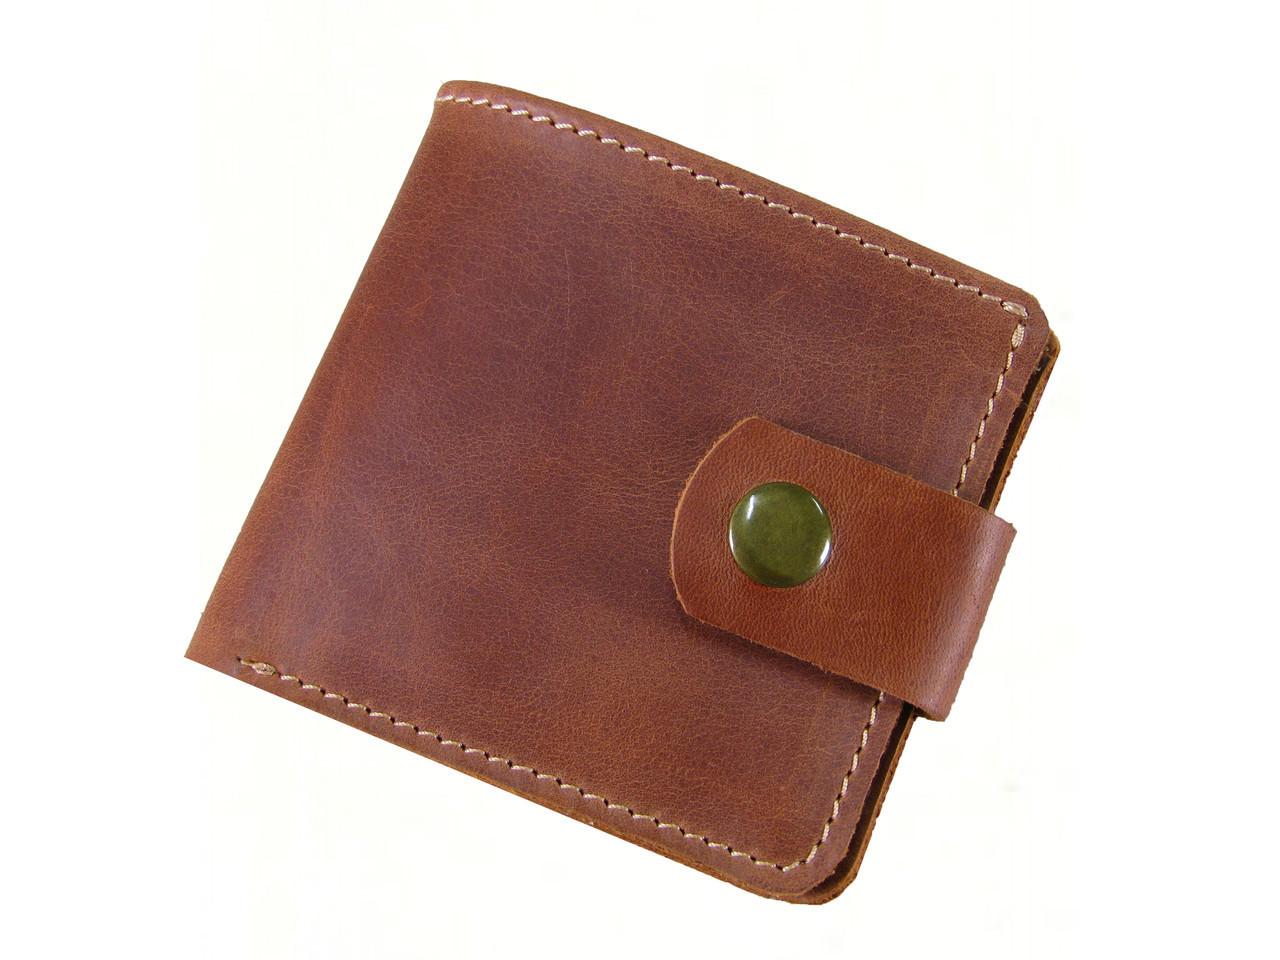 Мужской кошелек бумажник GS кожаный коньячный